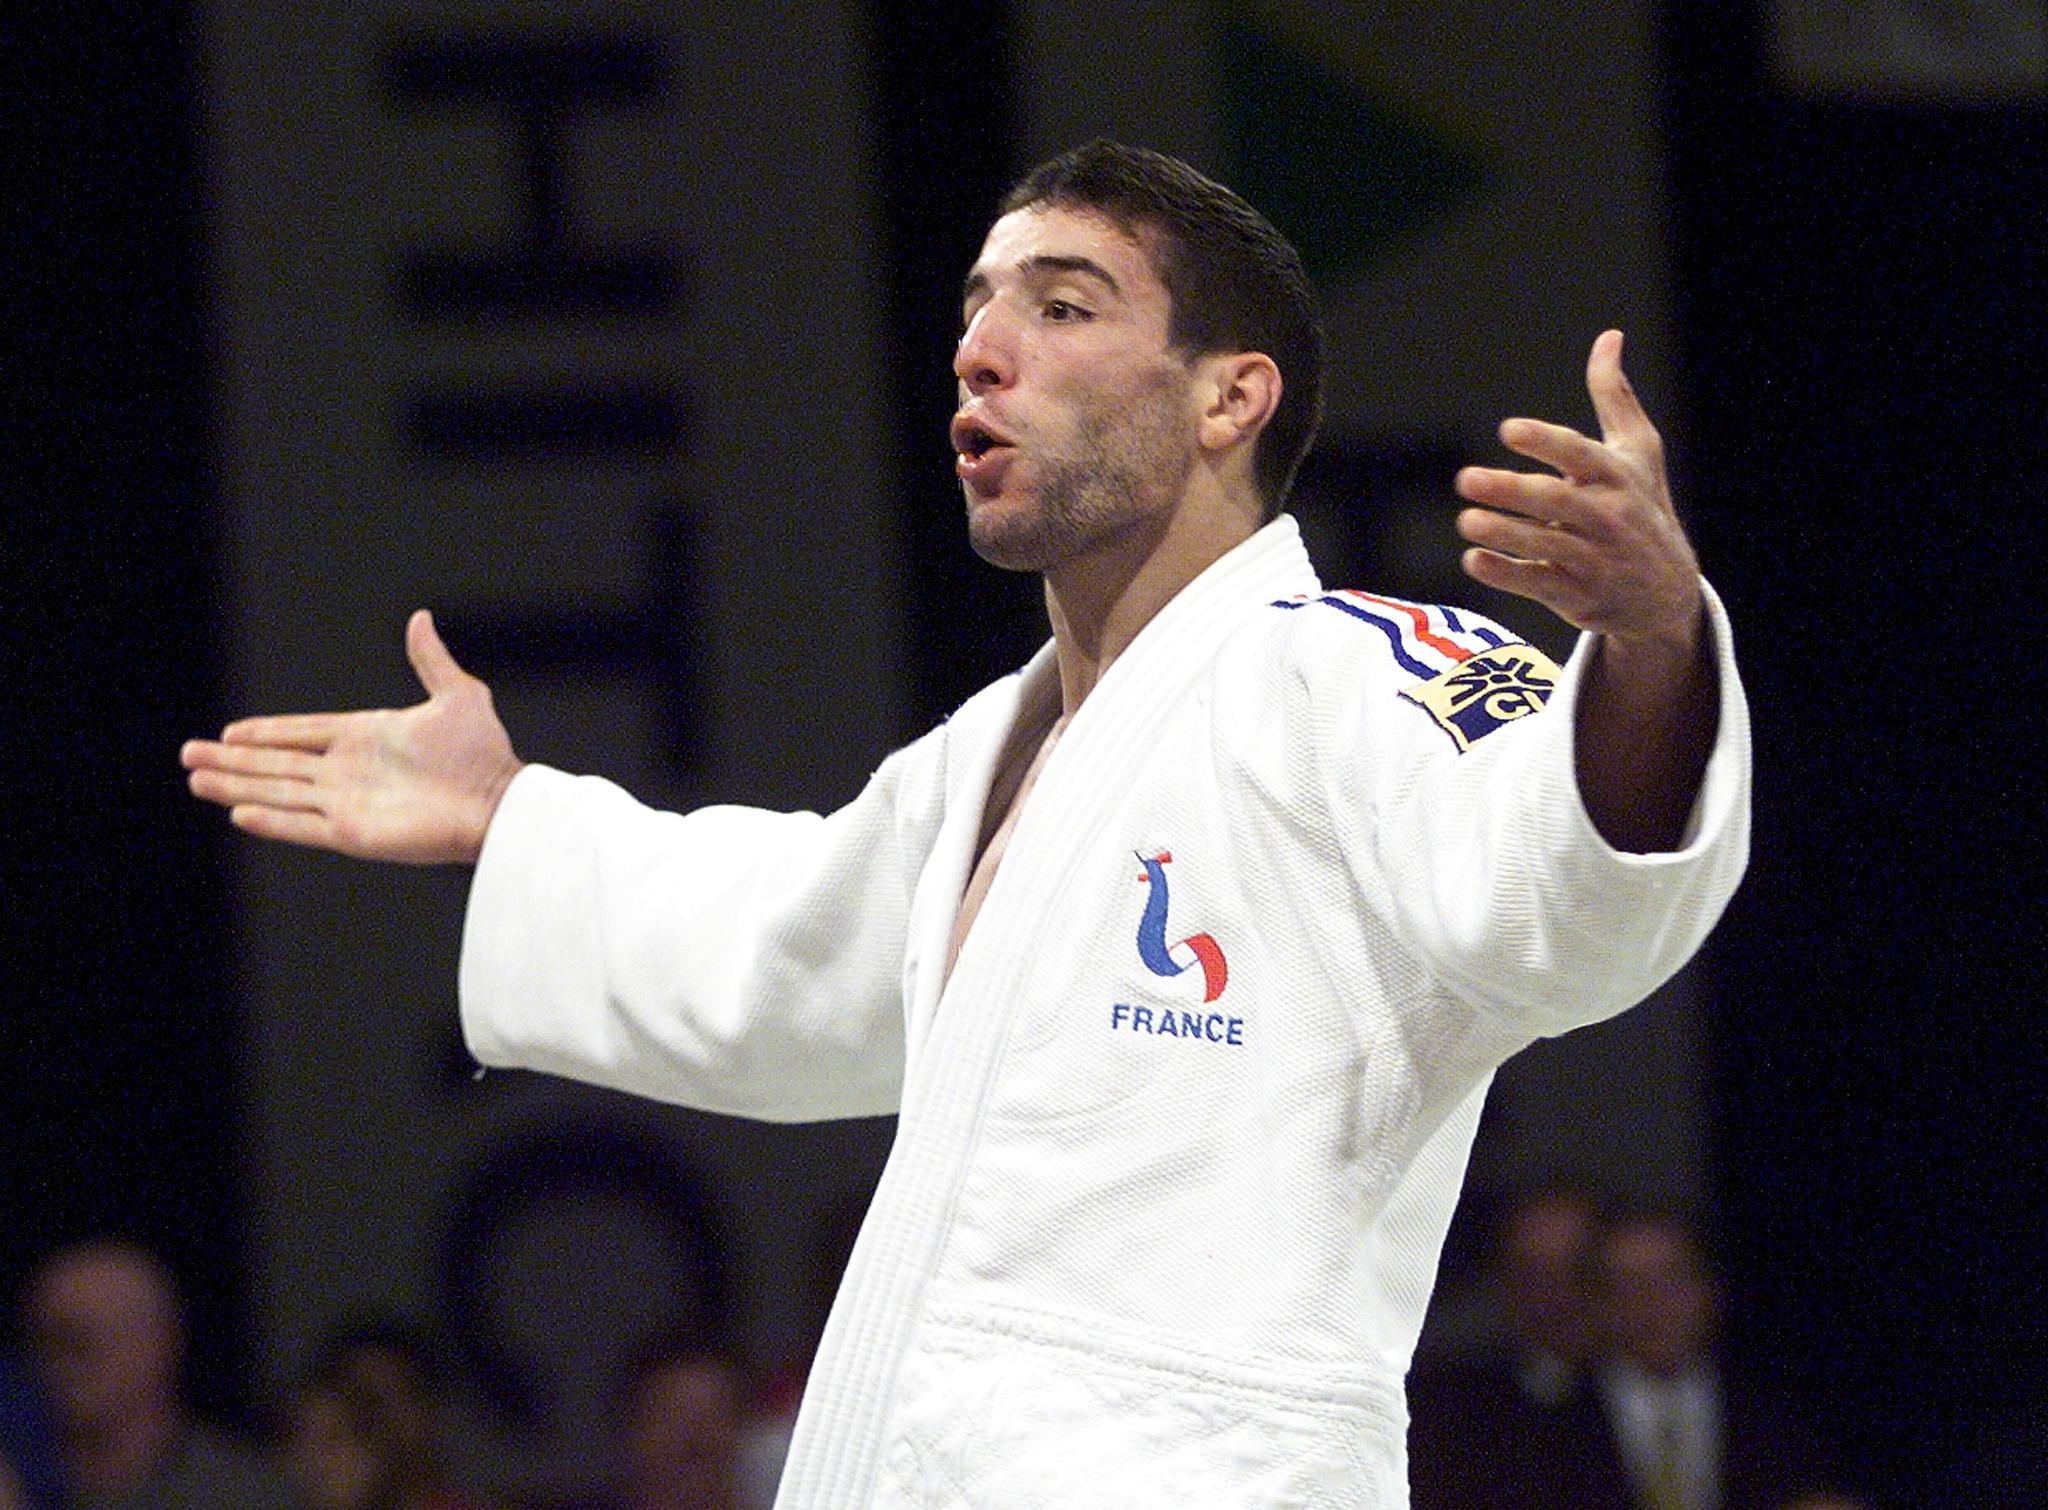 Médaillé d'argent olympique Arabi Bin Boudoud, directeur de la haute performance à la FFJ © Getty Images